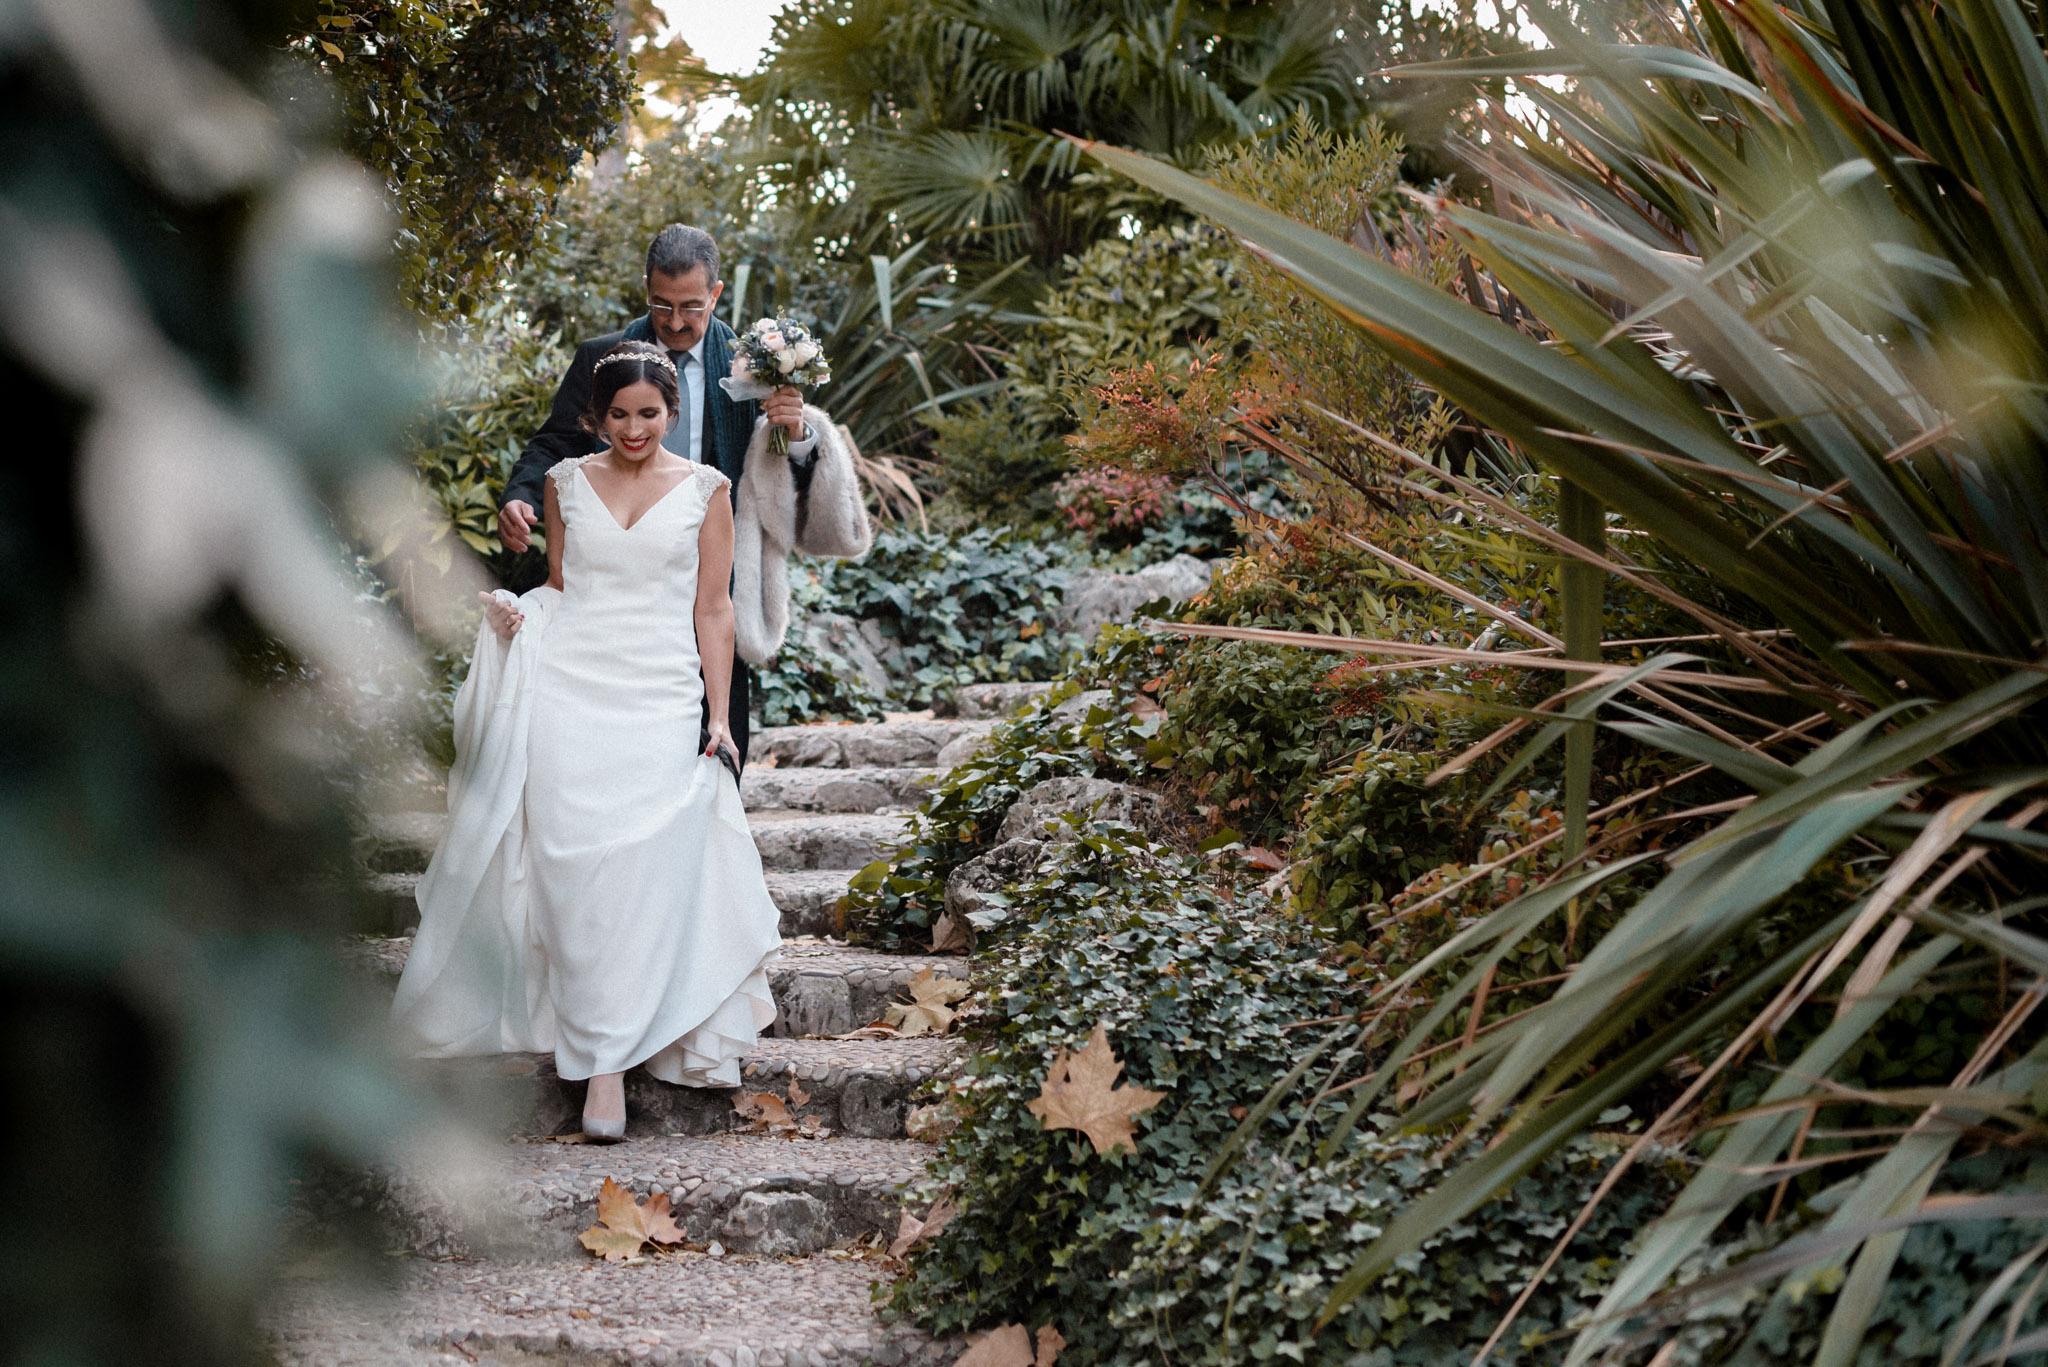 Boda en Ermita Virgen del Puerto - llega la novia